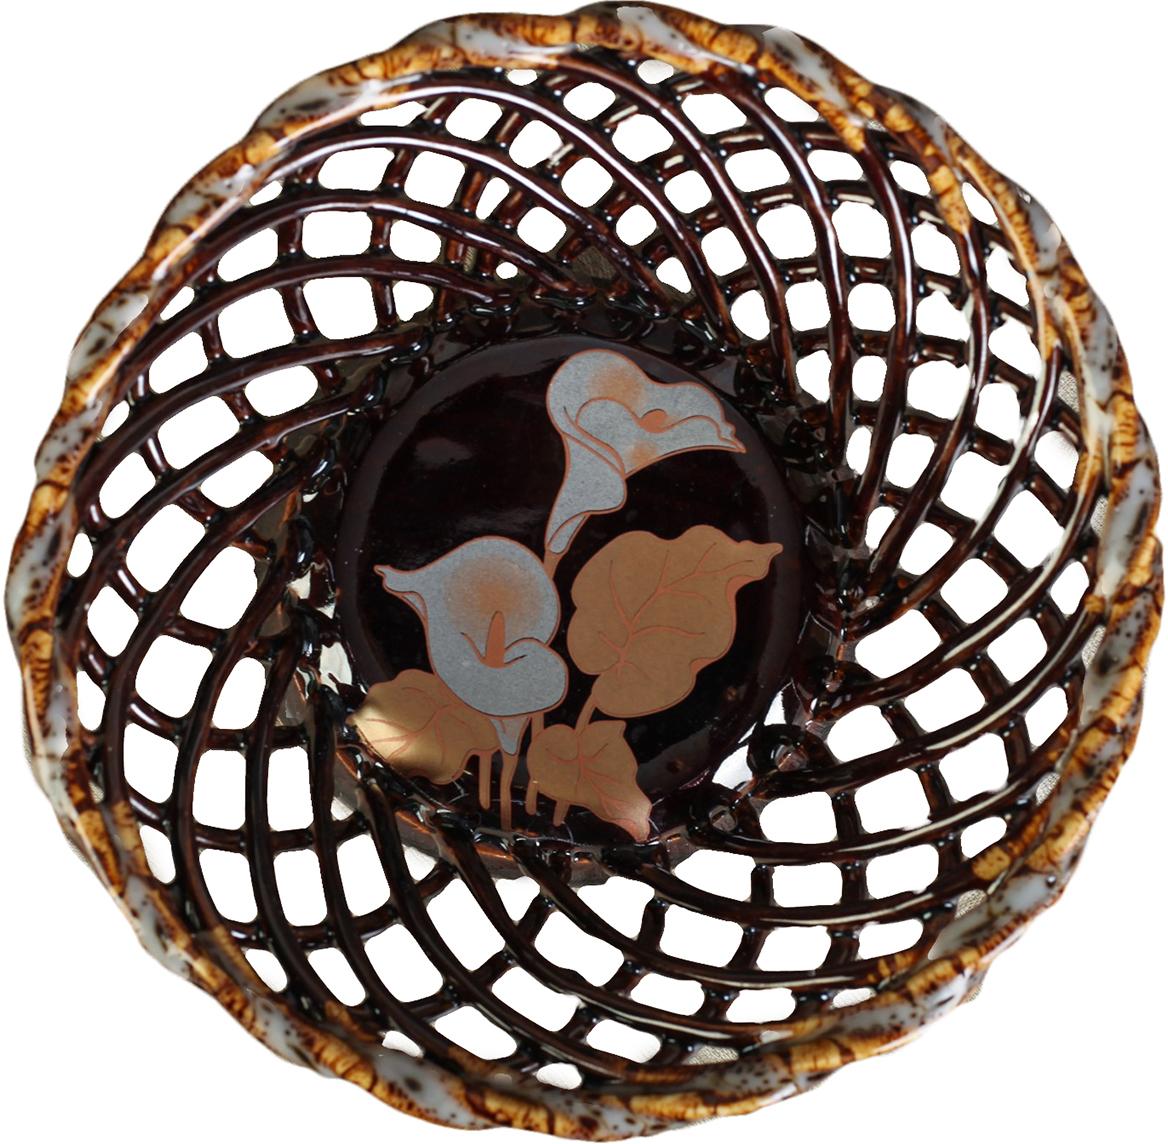 Конфетница круглая Керамика ручной работы, цвет: коричневый. 27391152739115Ваза для конфет украсит любую квартиру, дачу или офис. Преподнести её в качестве подарка друзьям или близким – отличная идея. Необычный дизайн и расцветка может вписаться в любой интерьер и стать его уникальным акцентом. Вещь предназначена для подачи конфет, сухофруктов или восточных сладостей.